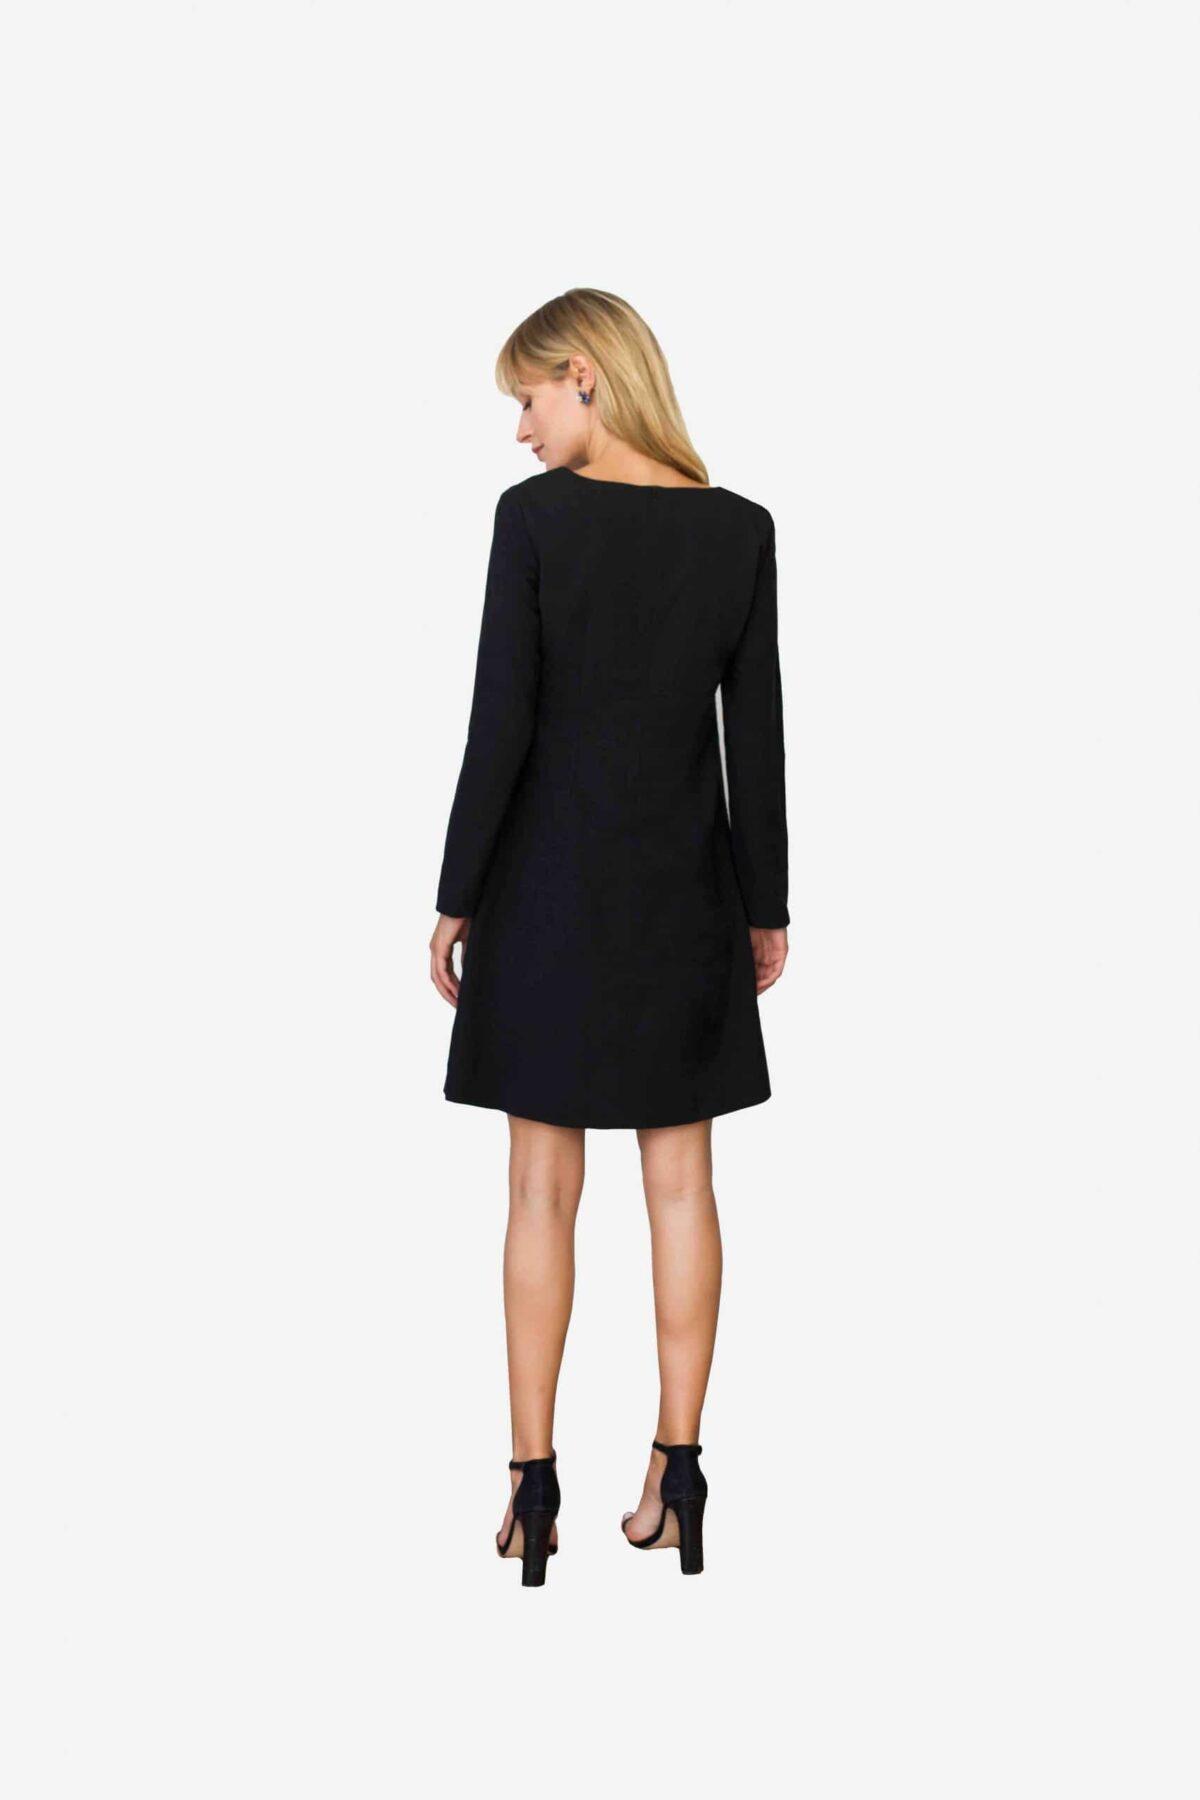 Kleid Cecilia von SANOGE - schwarzes Etuikleid mit langem Arm und Rundhalsausschnitt